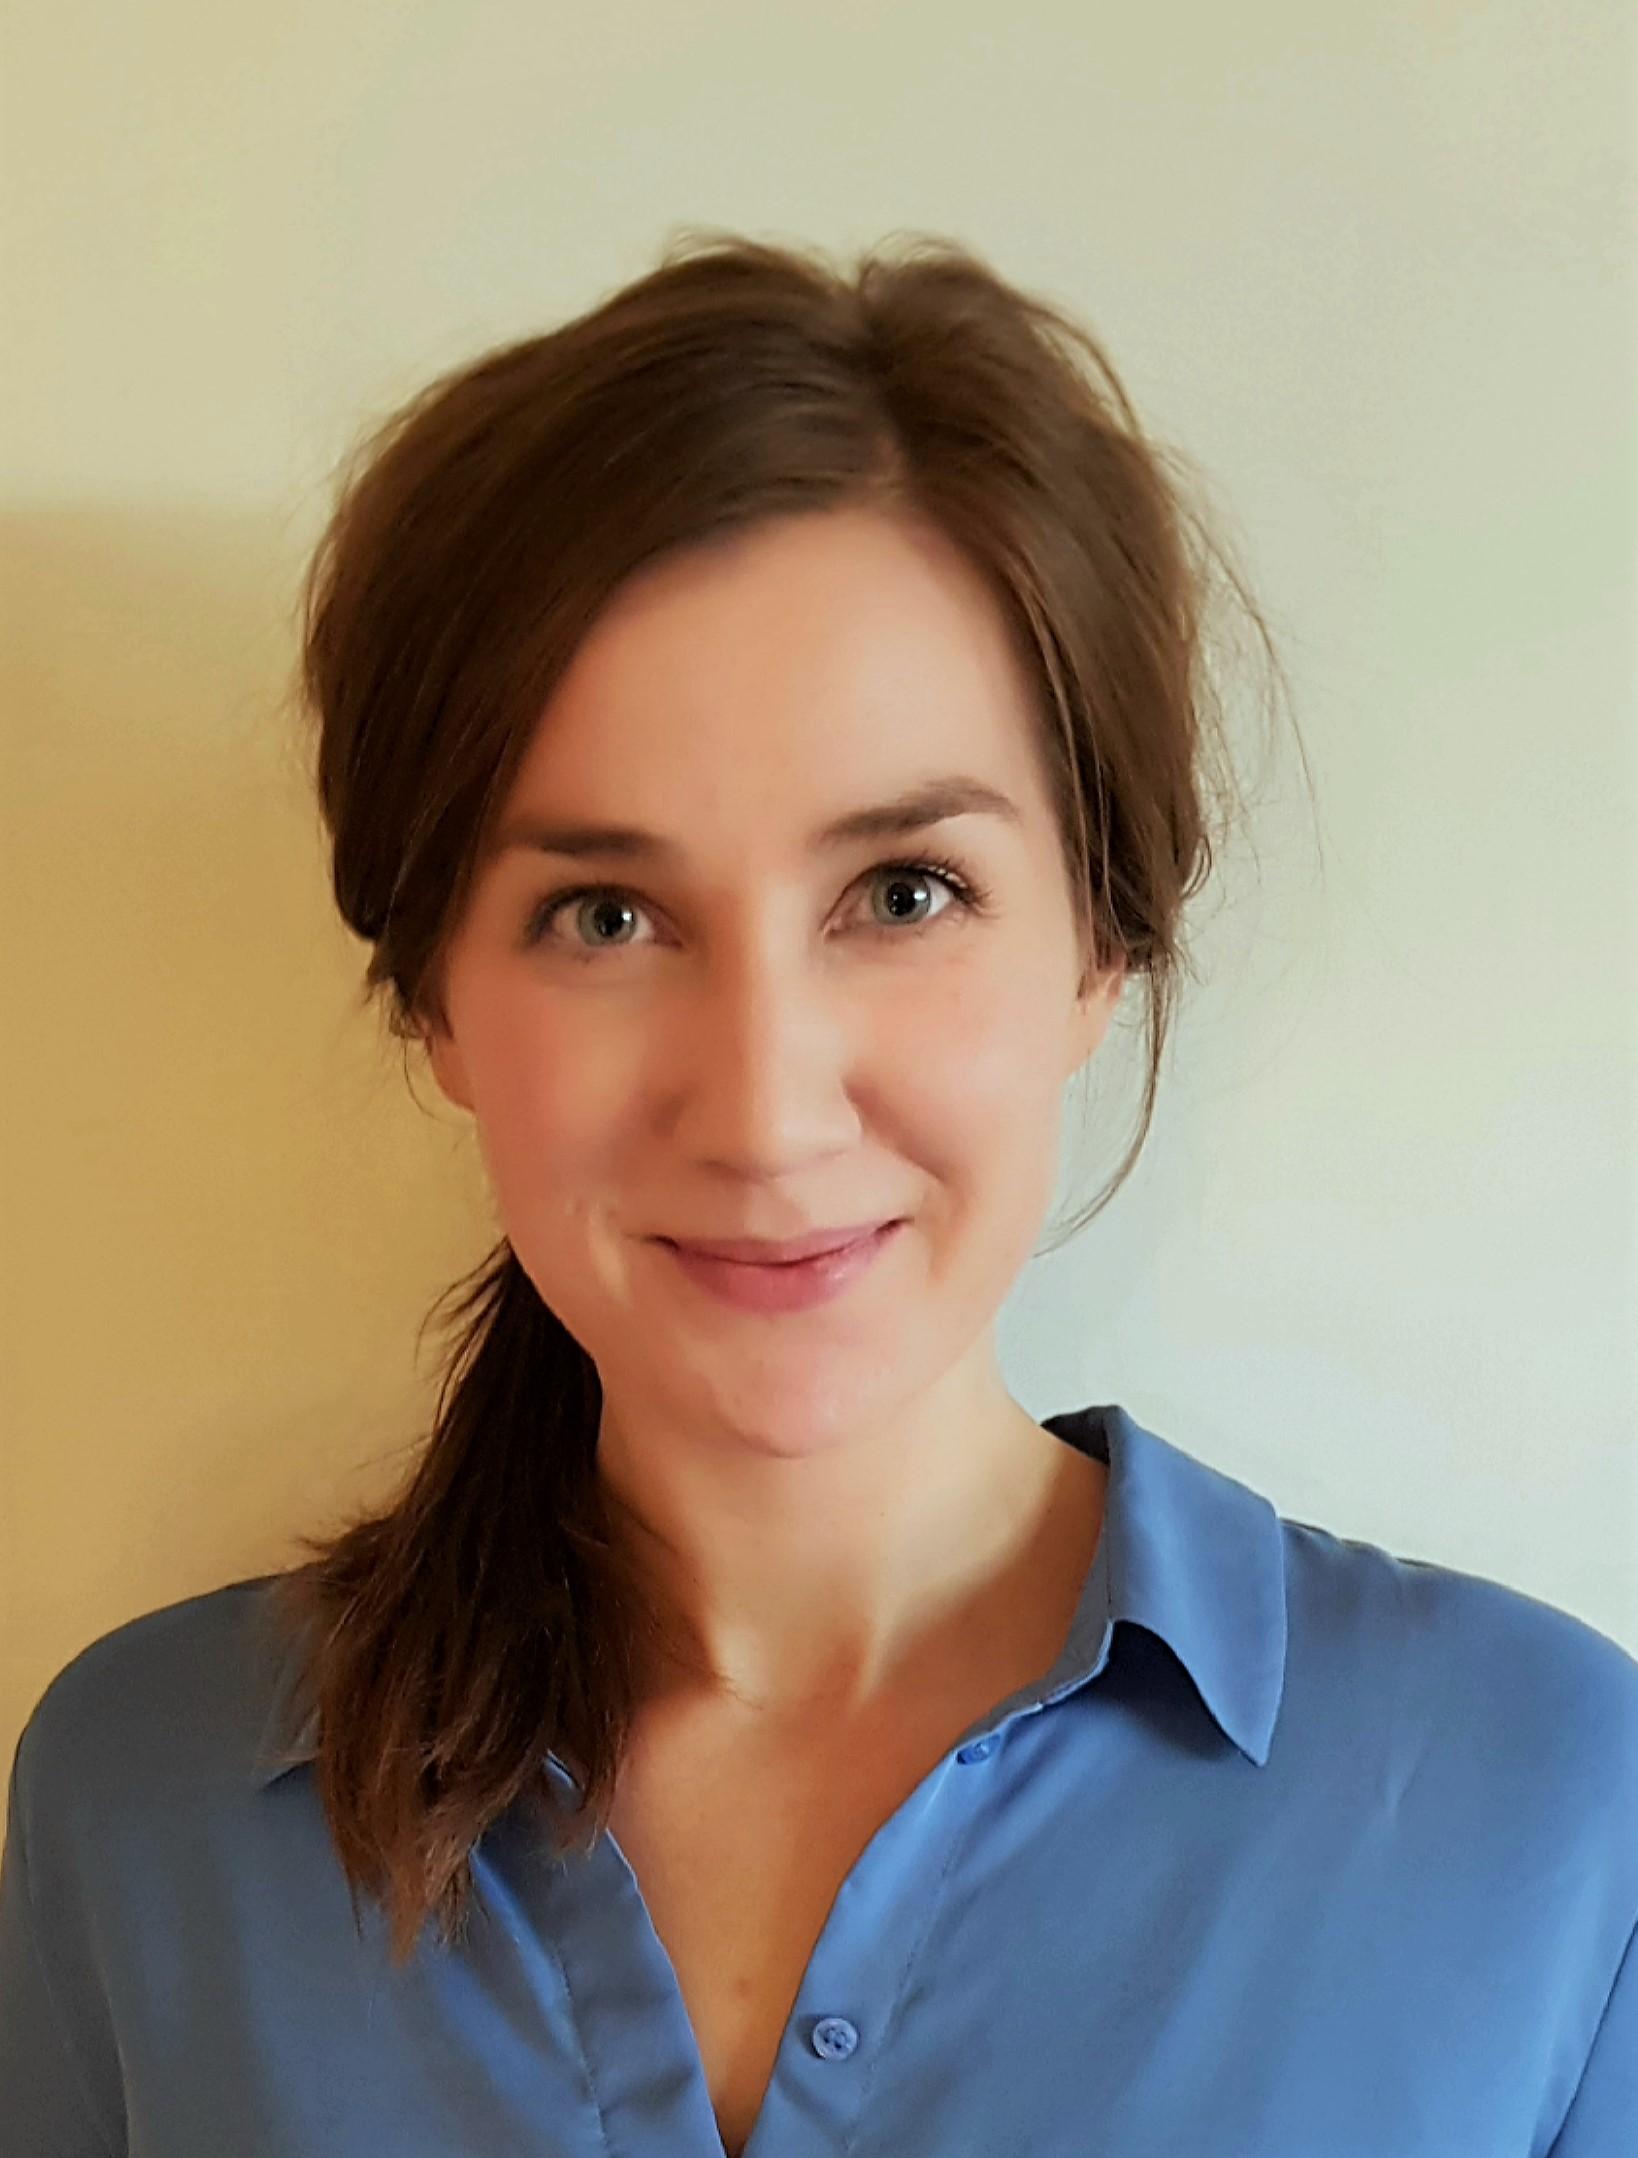 Linda Ejlskov